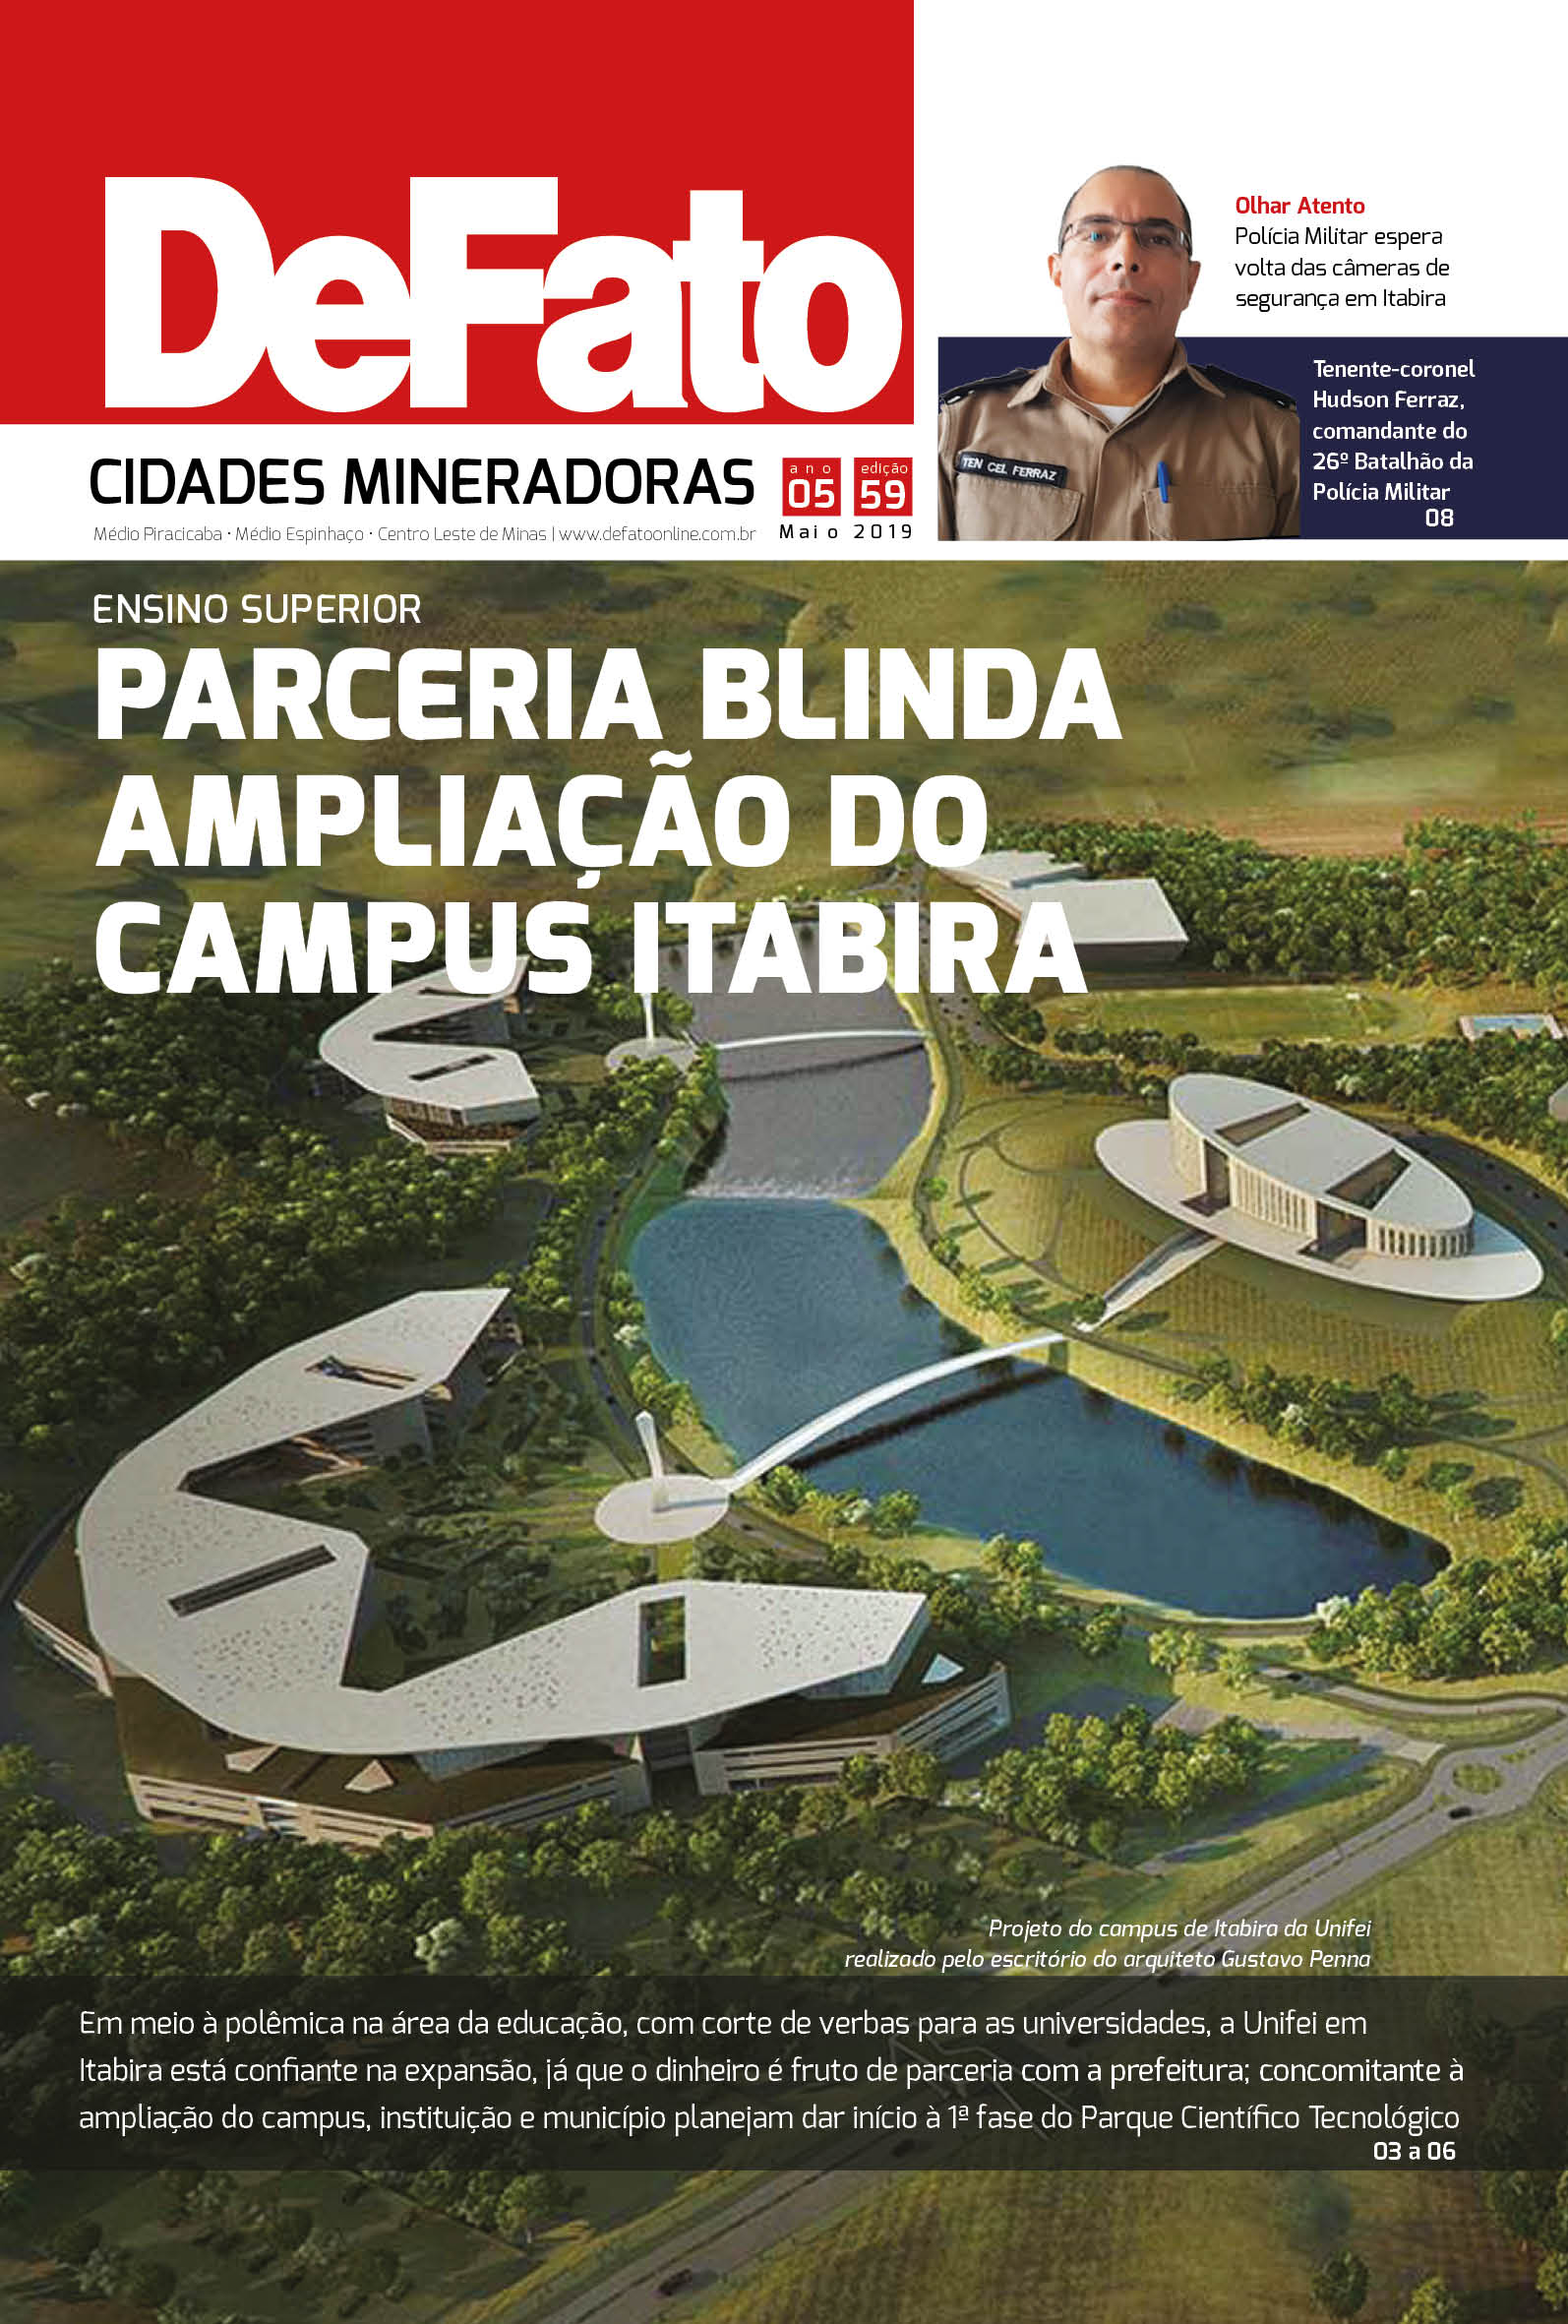 Jornal DeFato Cidades Mineradoras - Edição 59